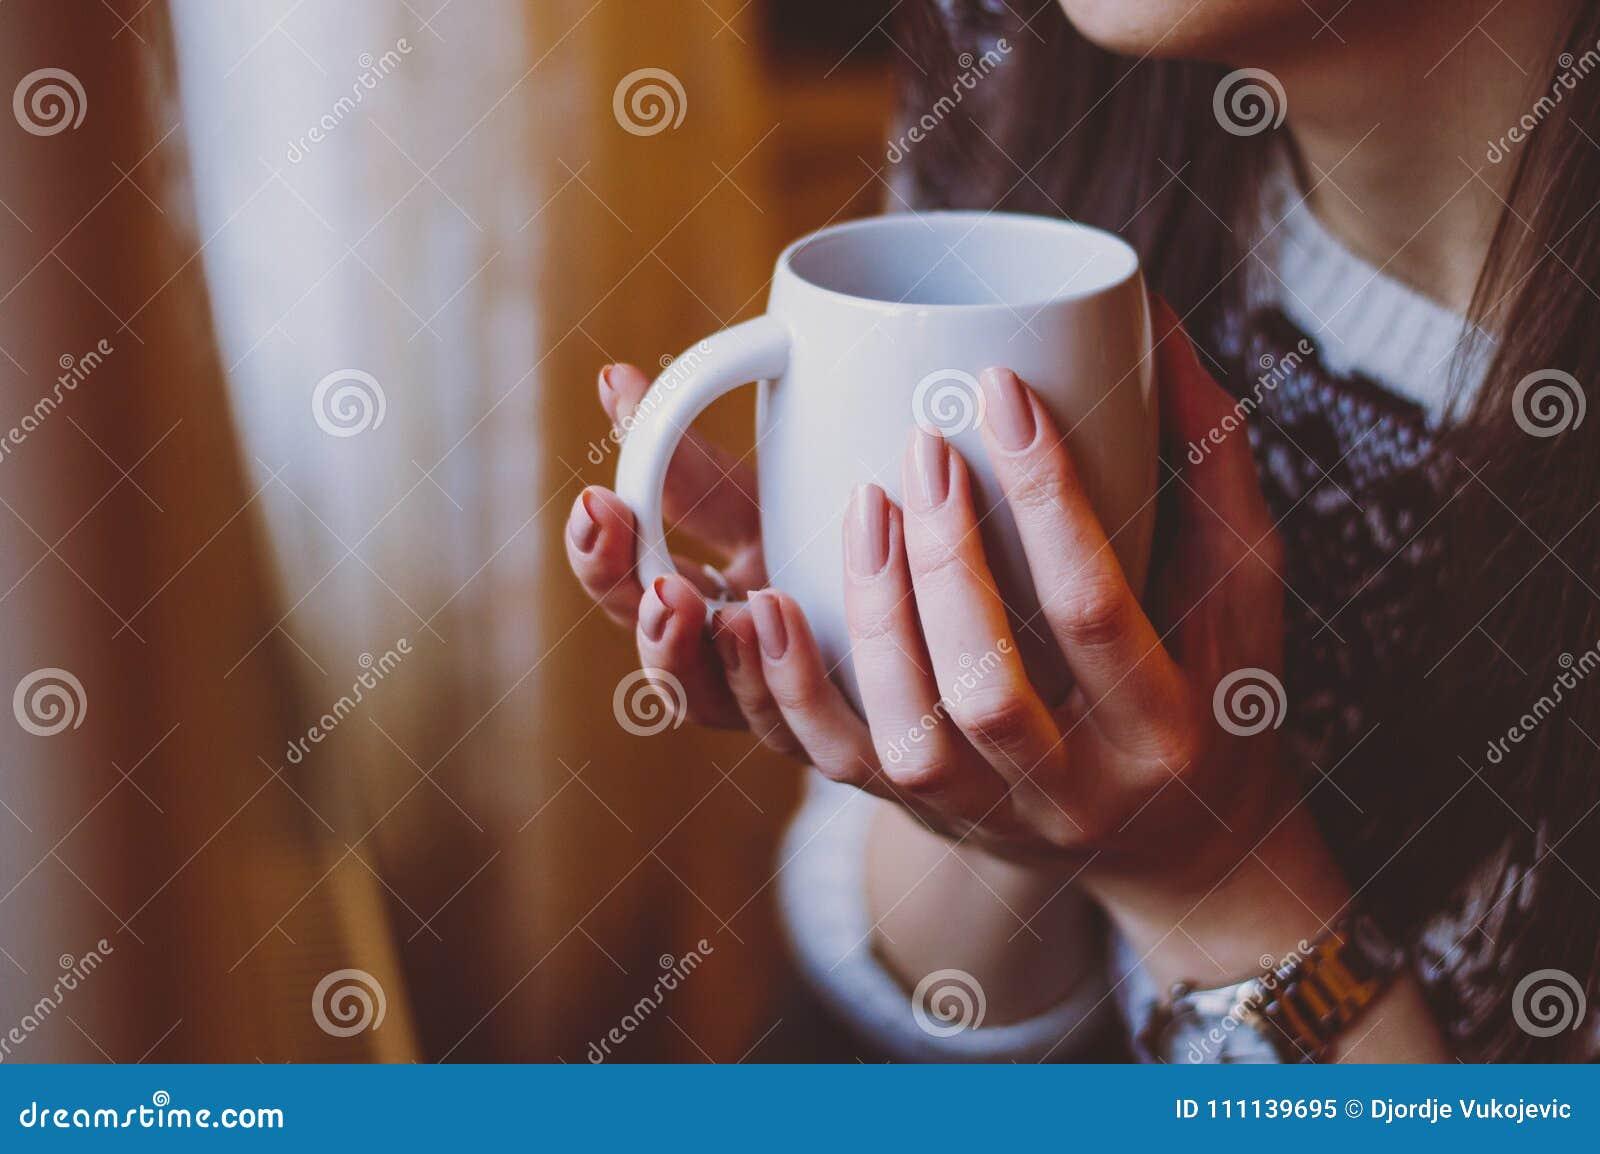 La Femme Le Morni Dans Avec Tenant Manucure Tasse Belle De Café 6gyfb7